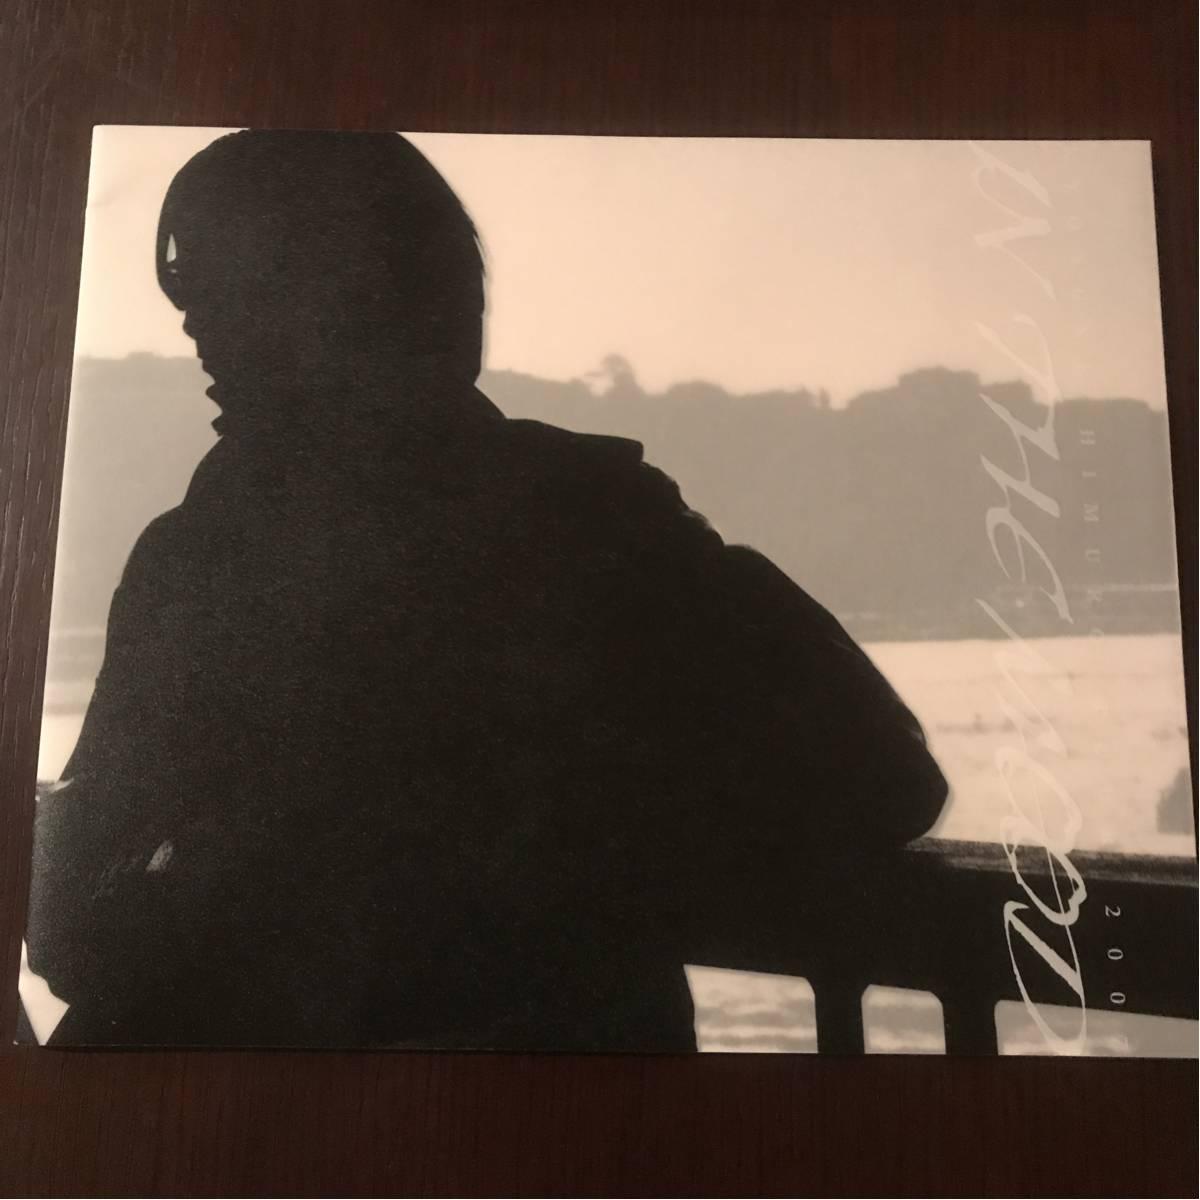 氷室京介 KYOSUKE HIMURO TOUR 2007 In The Mood パンフレット ライブグッズの画像